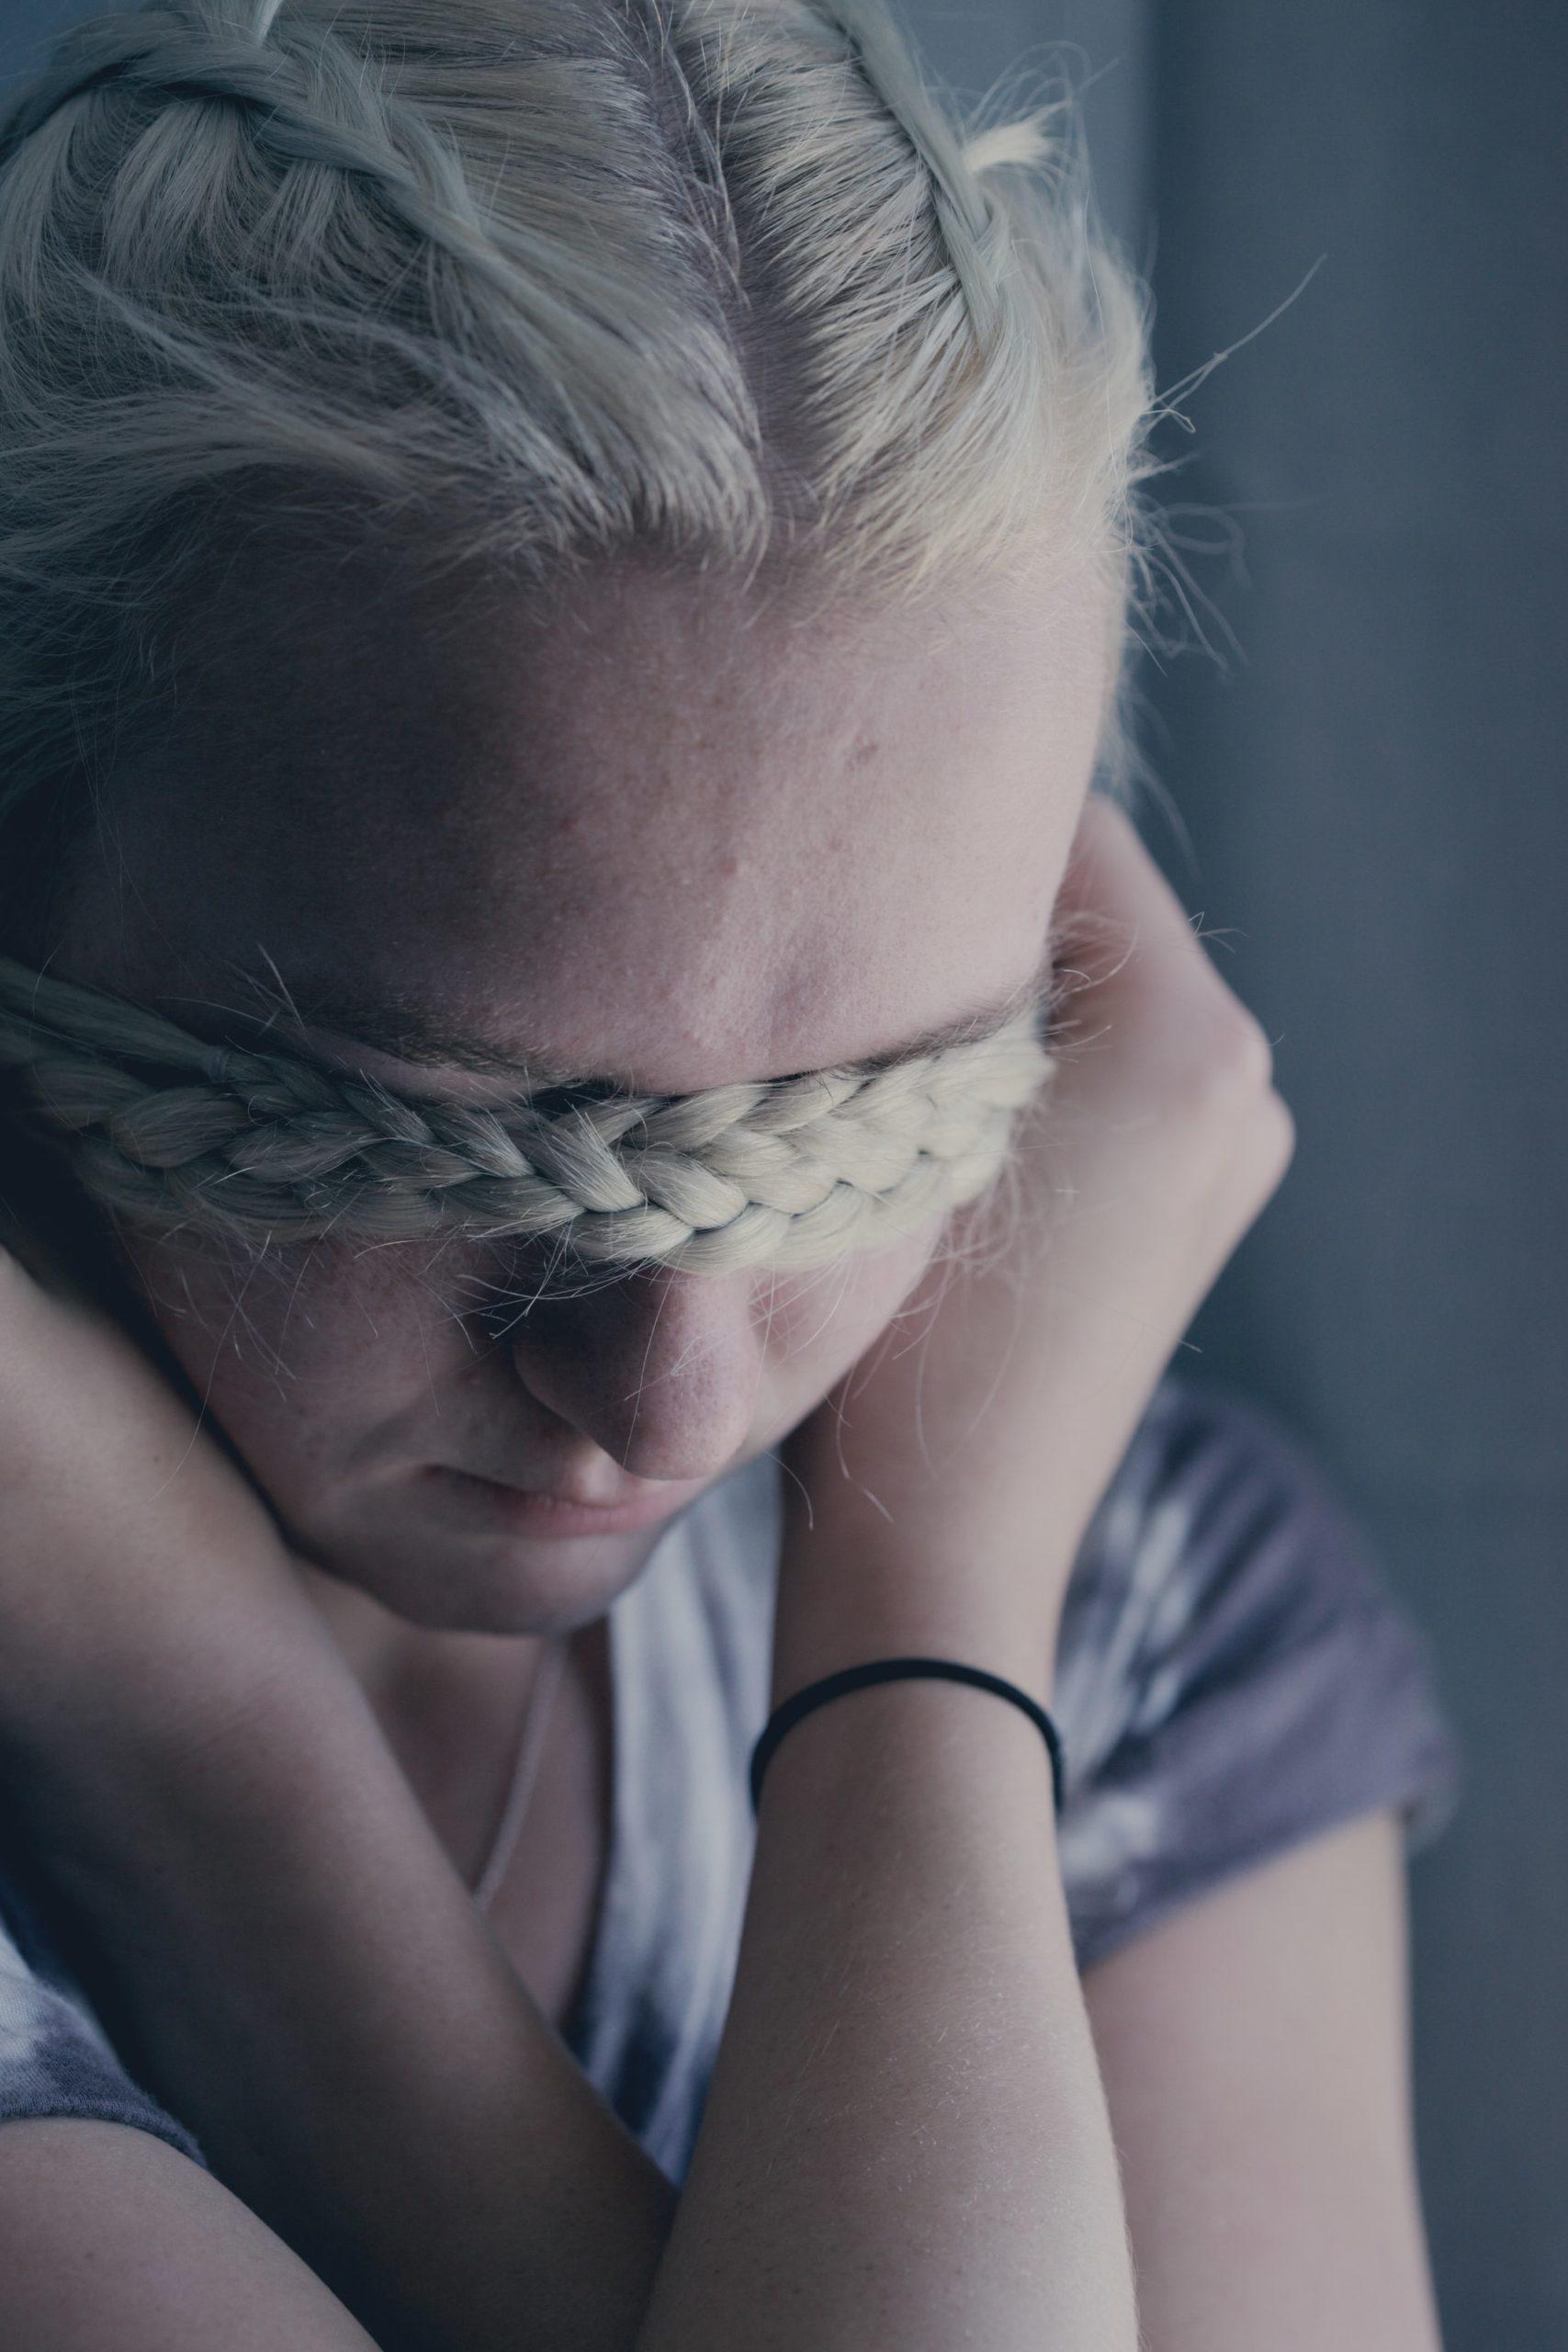 verletzlich, vulnerable